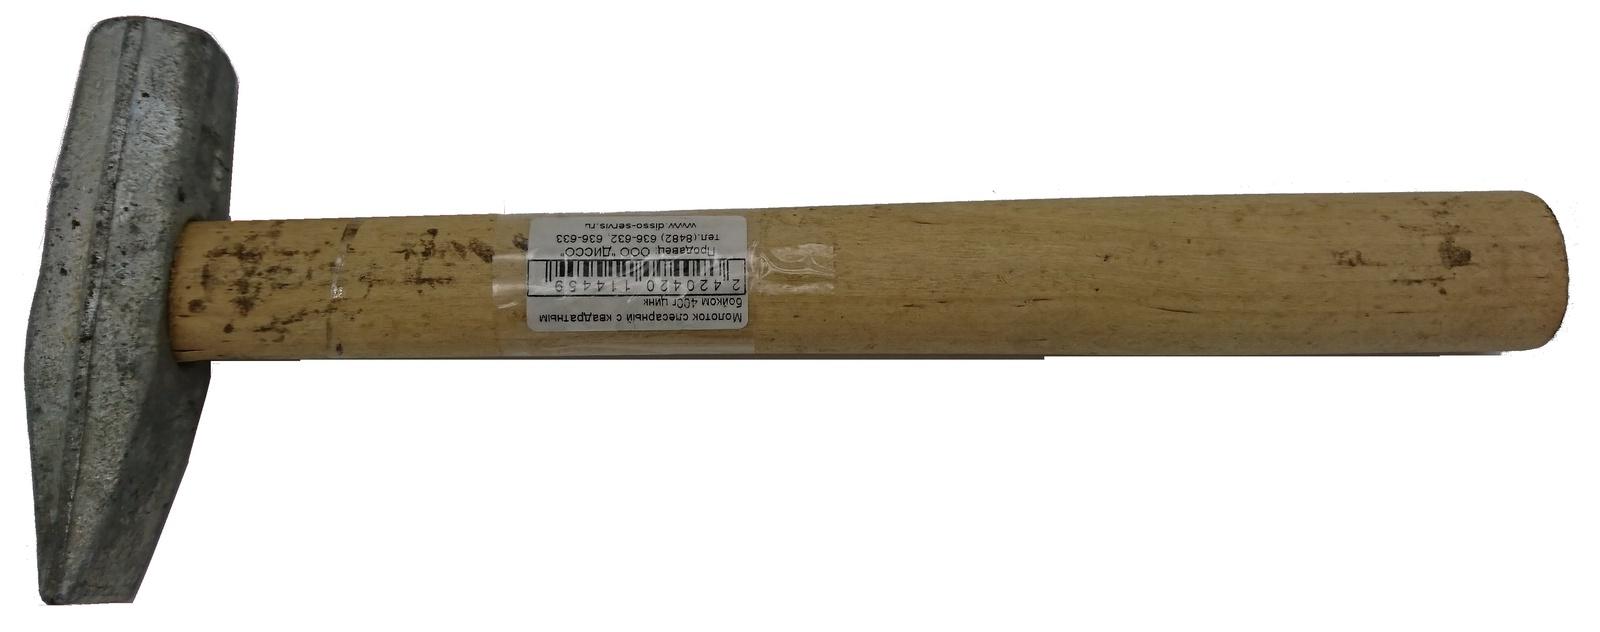 Молоток слесарный с квадратным бойком 400г цинк молоток немецкого типа santool с квадратным бойком и деревянной ручкой 600 гр 030811 060